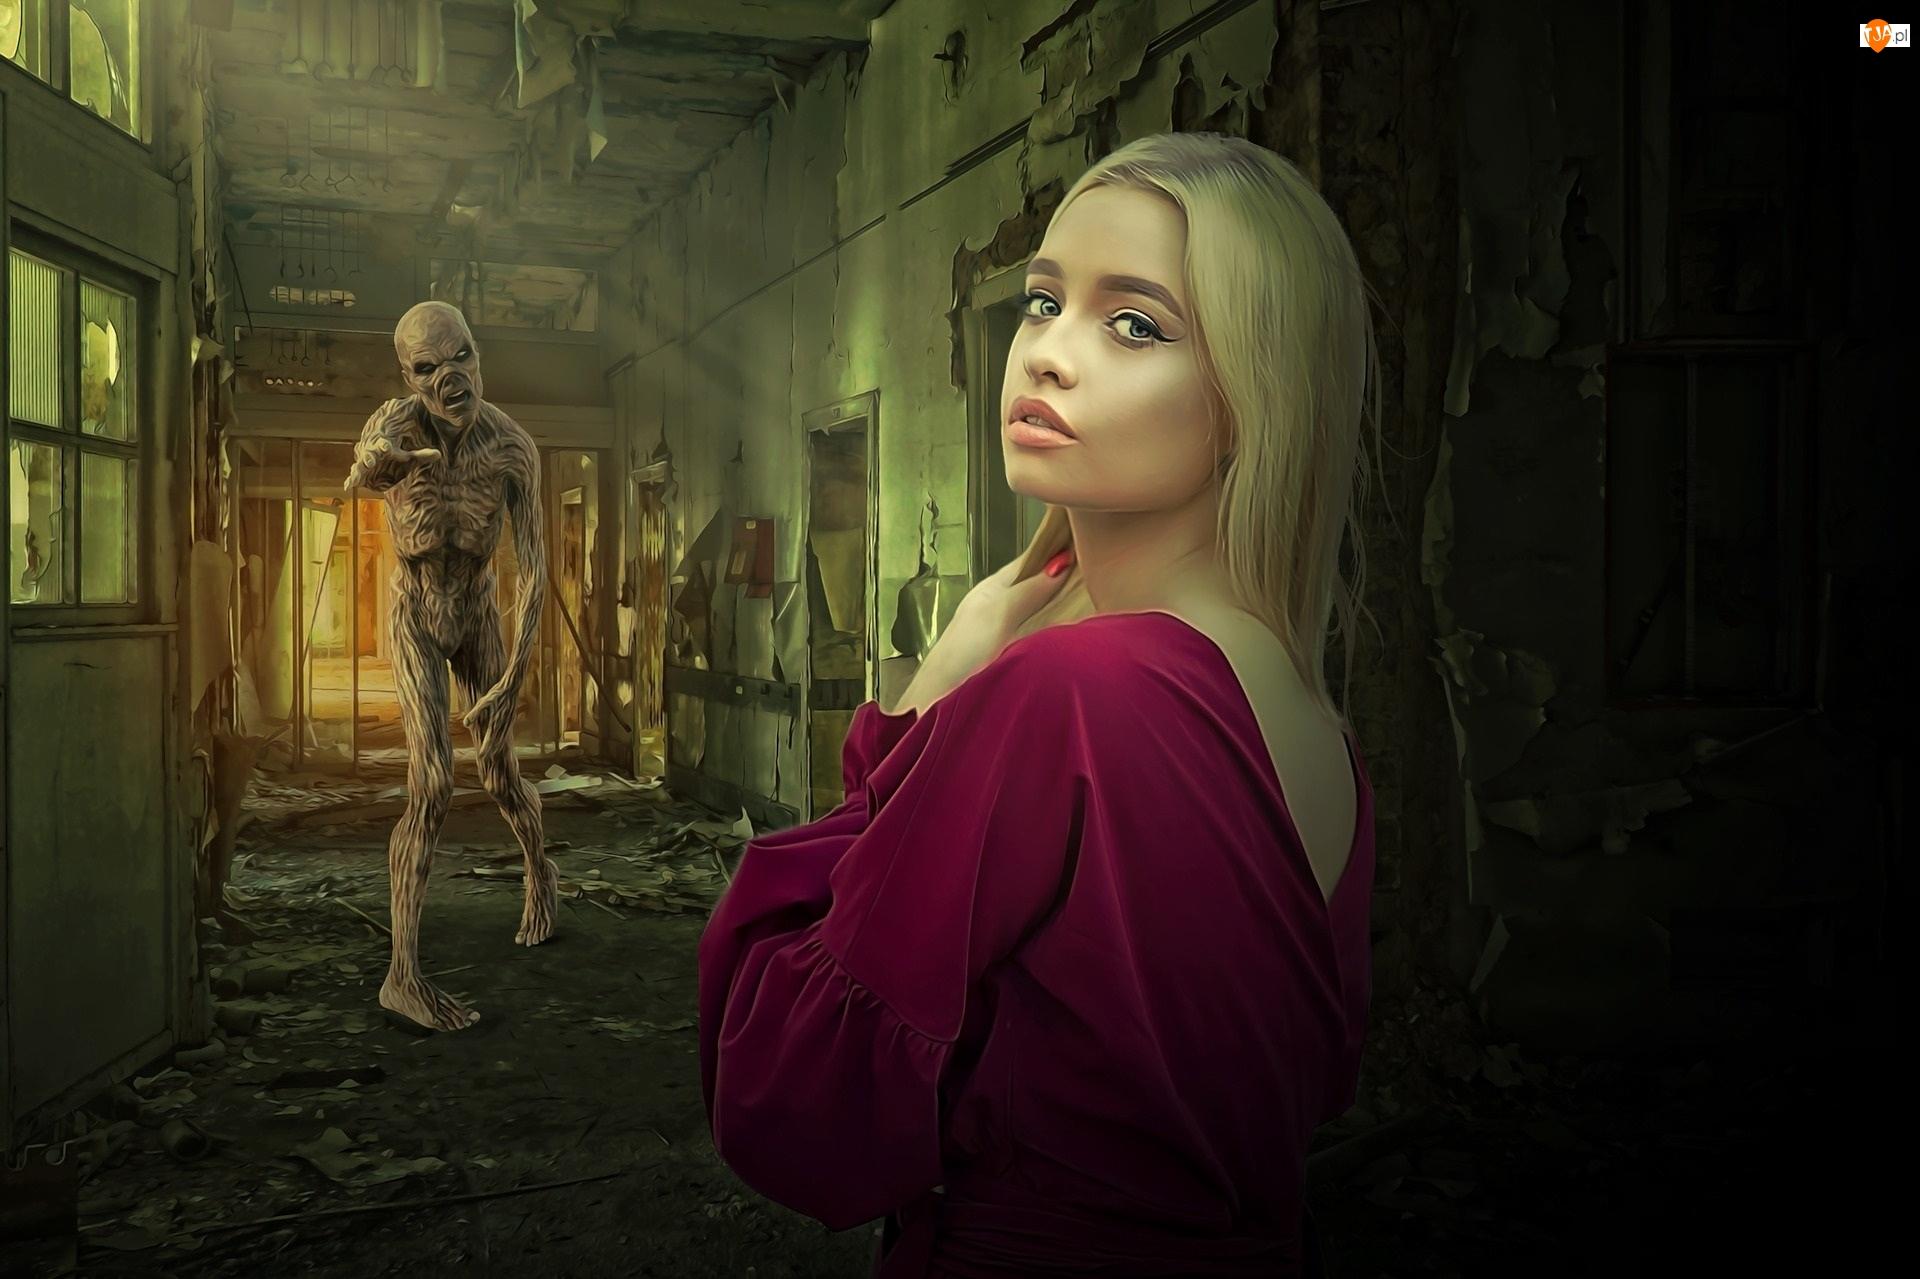 Grafika, Kobieta, Blondynka, Zombie